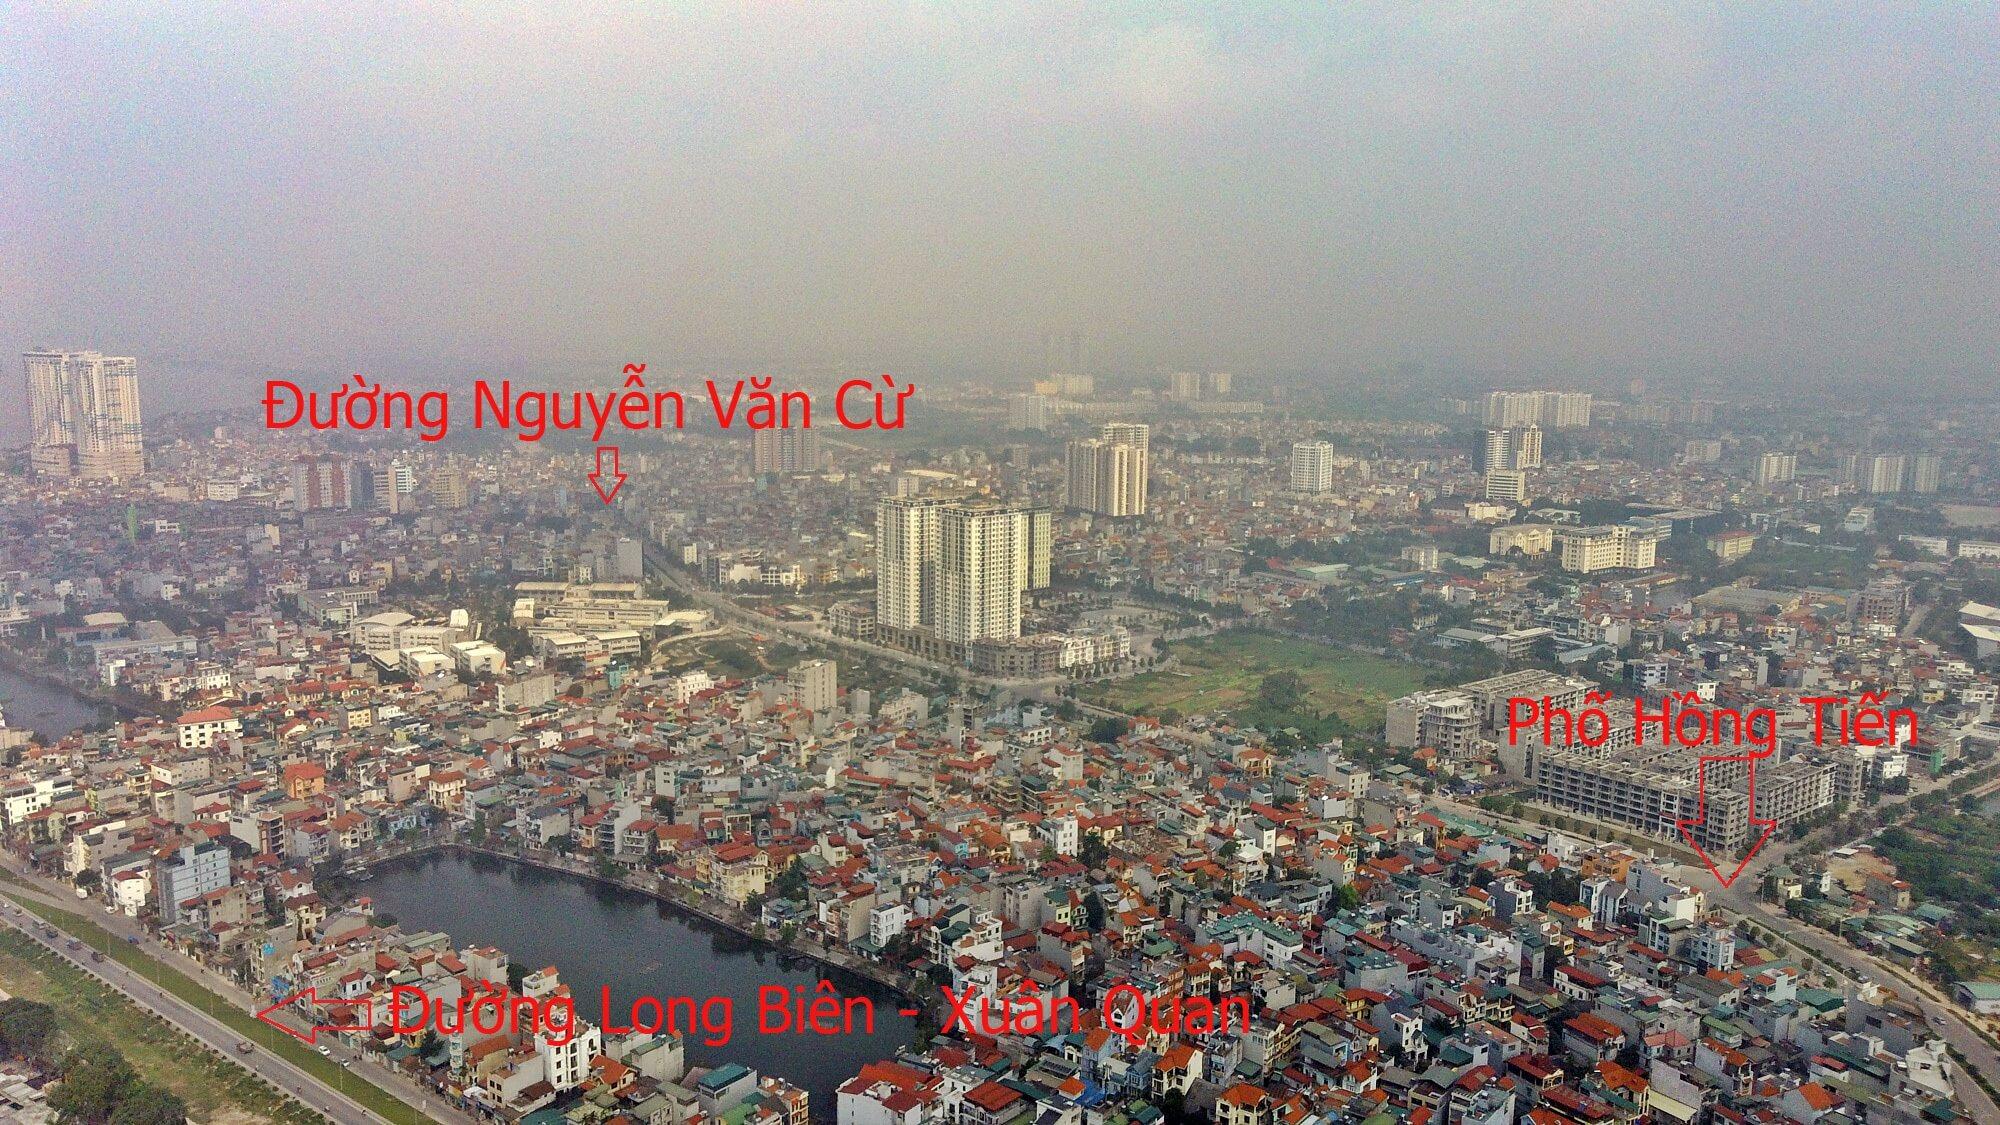 Sau khi có hầm/cầu Trần Hưng Đạo, tuyến đường Nguyễn Văn Cừ sẽ trở nên thông thoáng hơn.